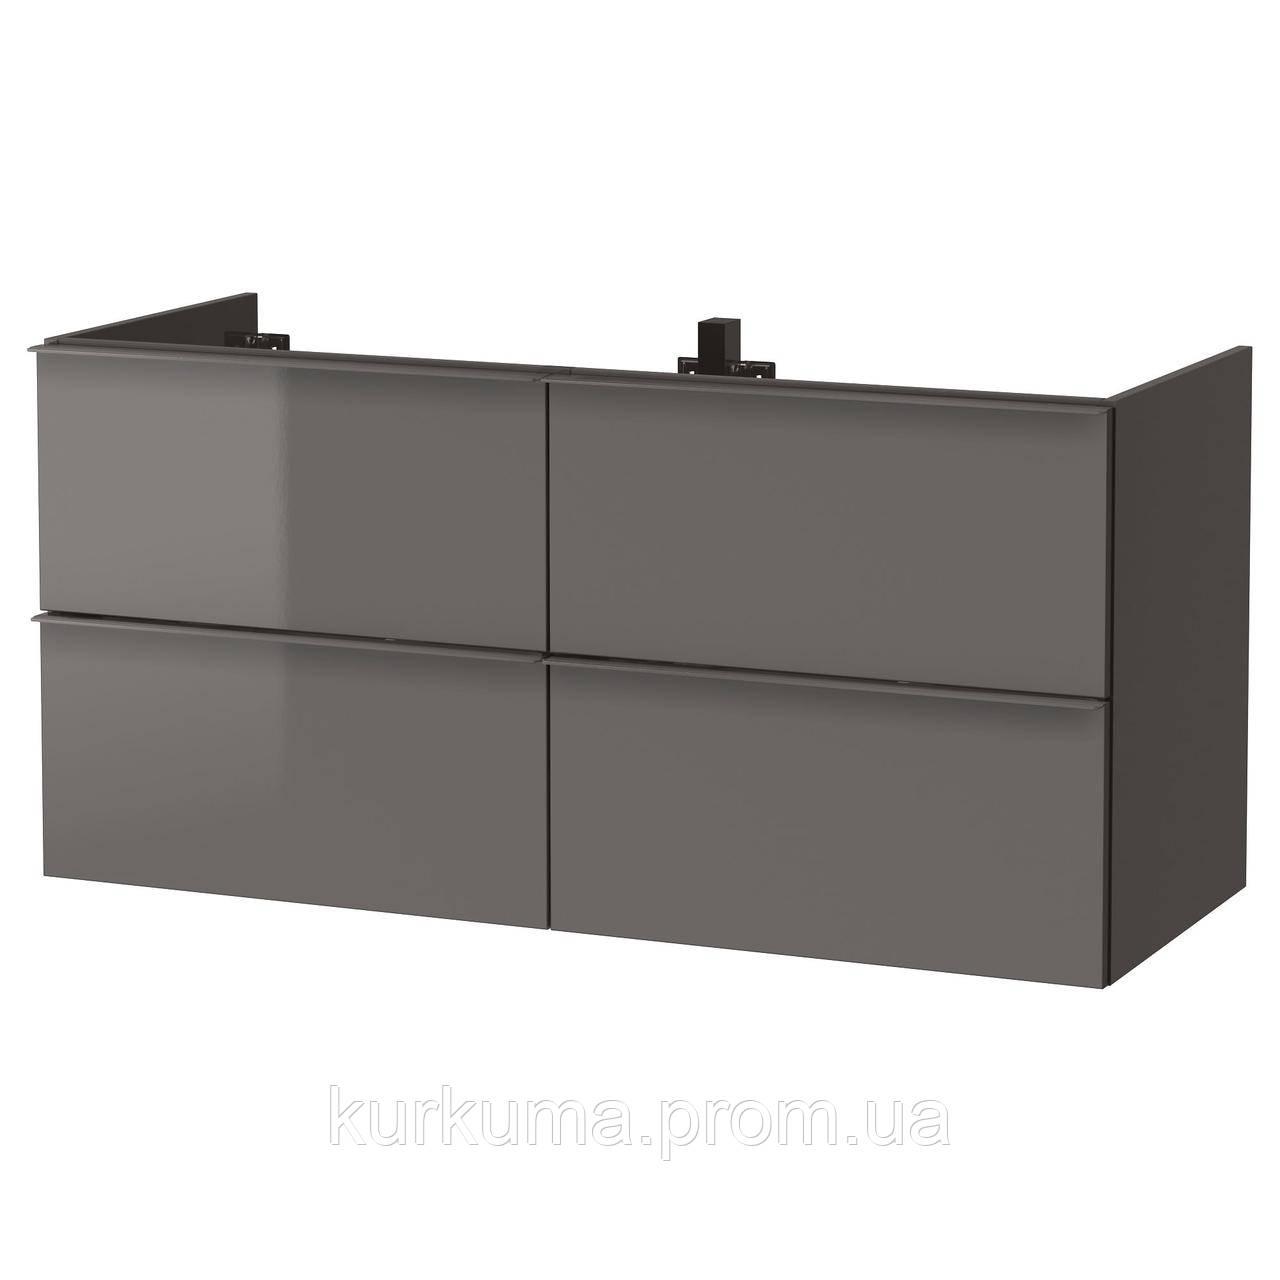 IKEA GODMORGON Шкаф под умывальник с 4 ящиками, глянцевый серый  (503.440.95)